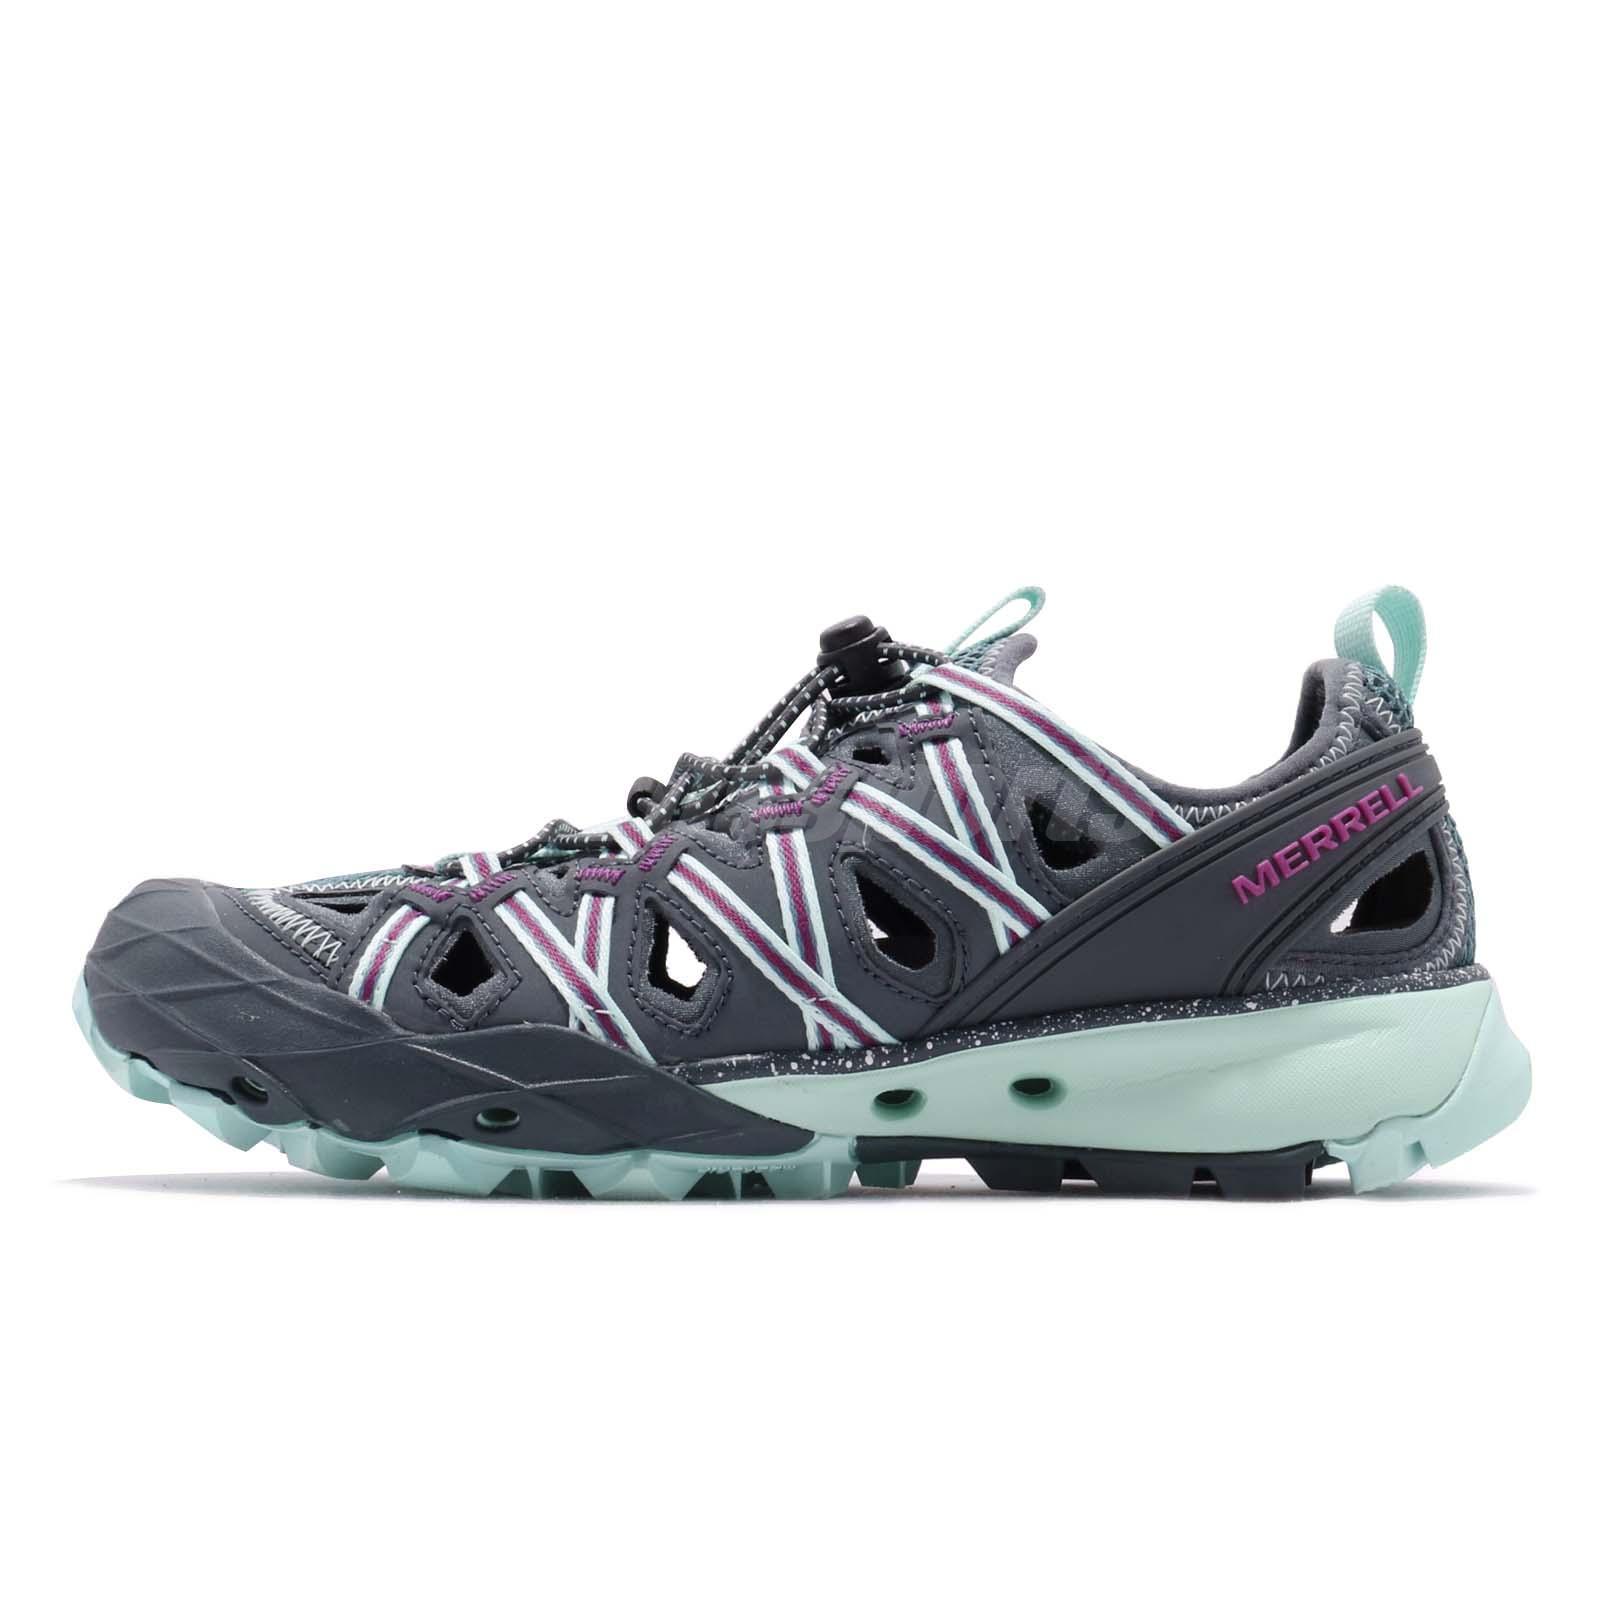 46f8e7860243 Merrell Choprock Shandal Blue Smoke Grey Purple Women Outdoors Water Shoe  J52770